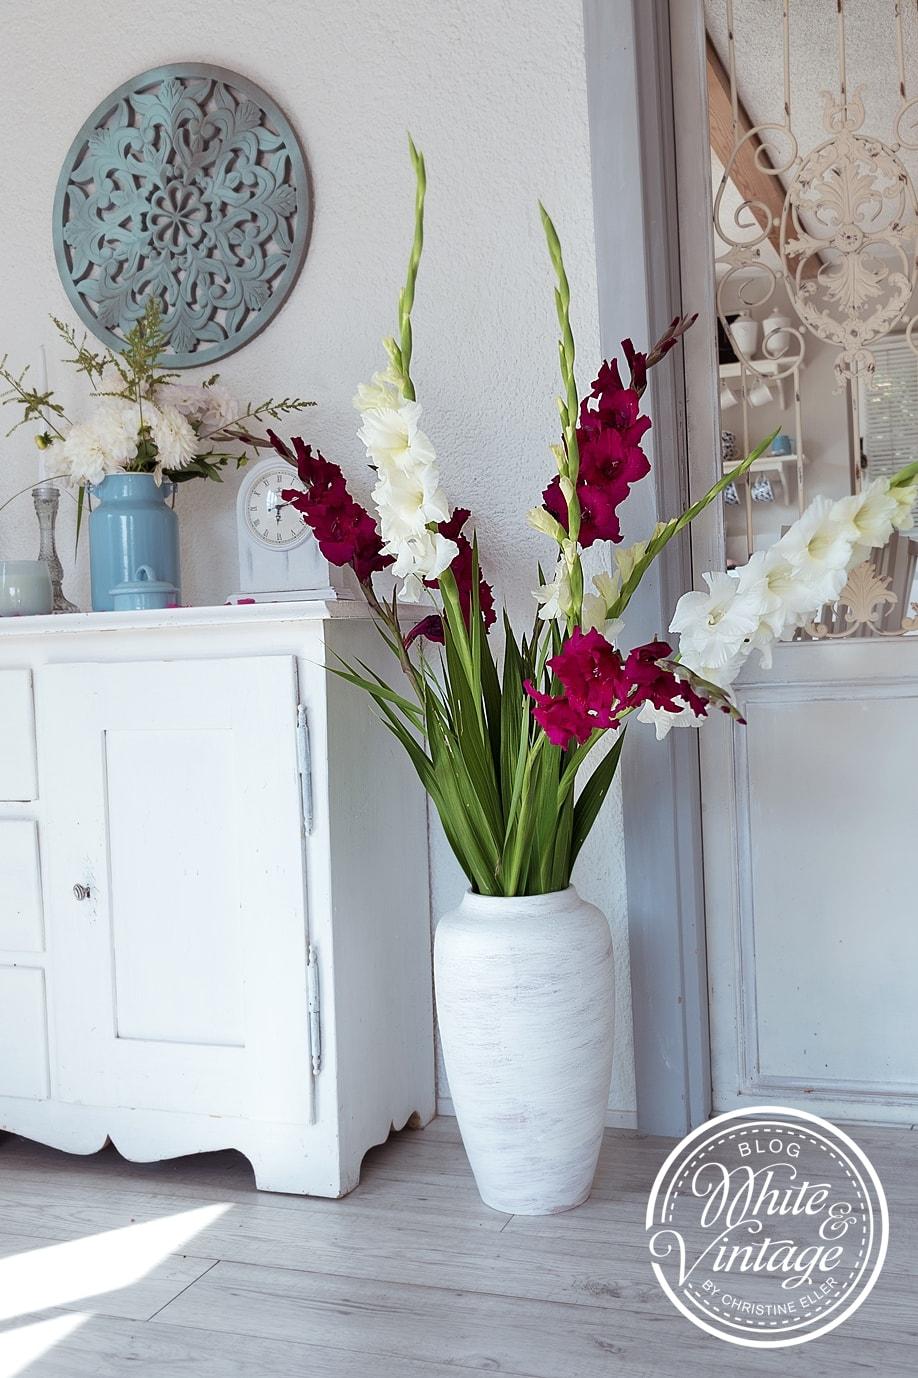 Upcycling-Deko: Alte Vase mit Farbe streichen